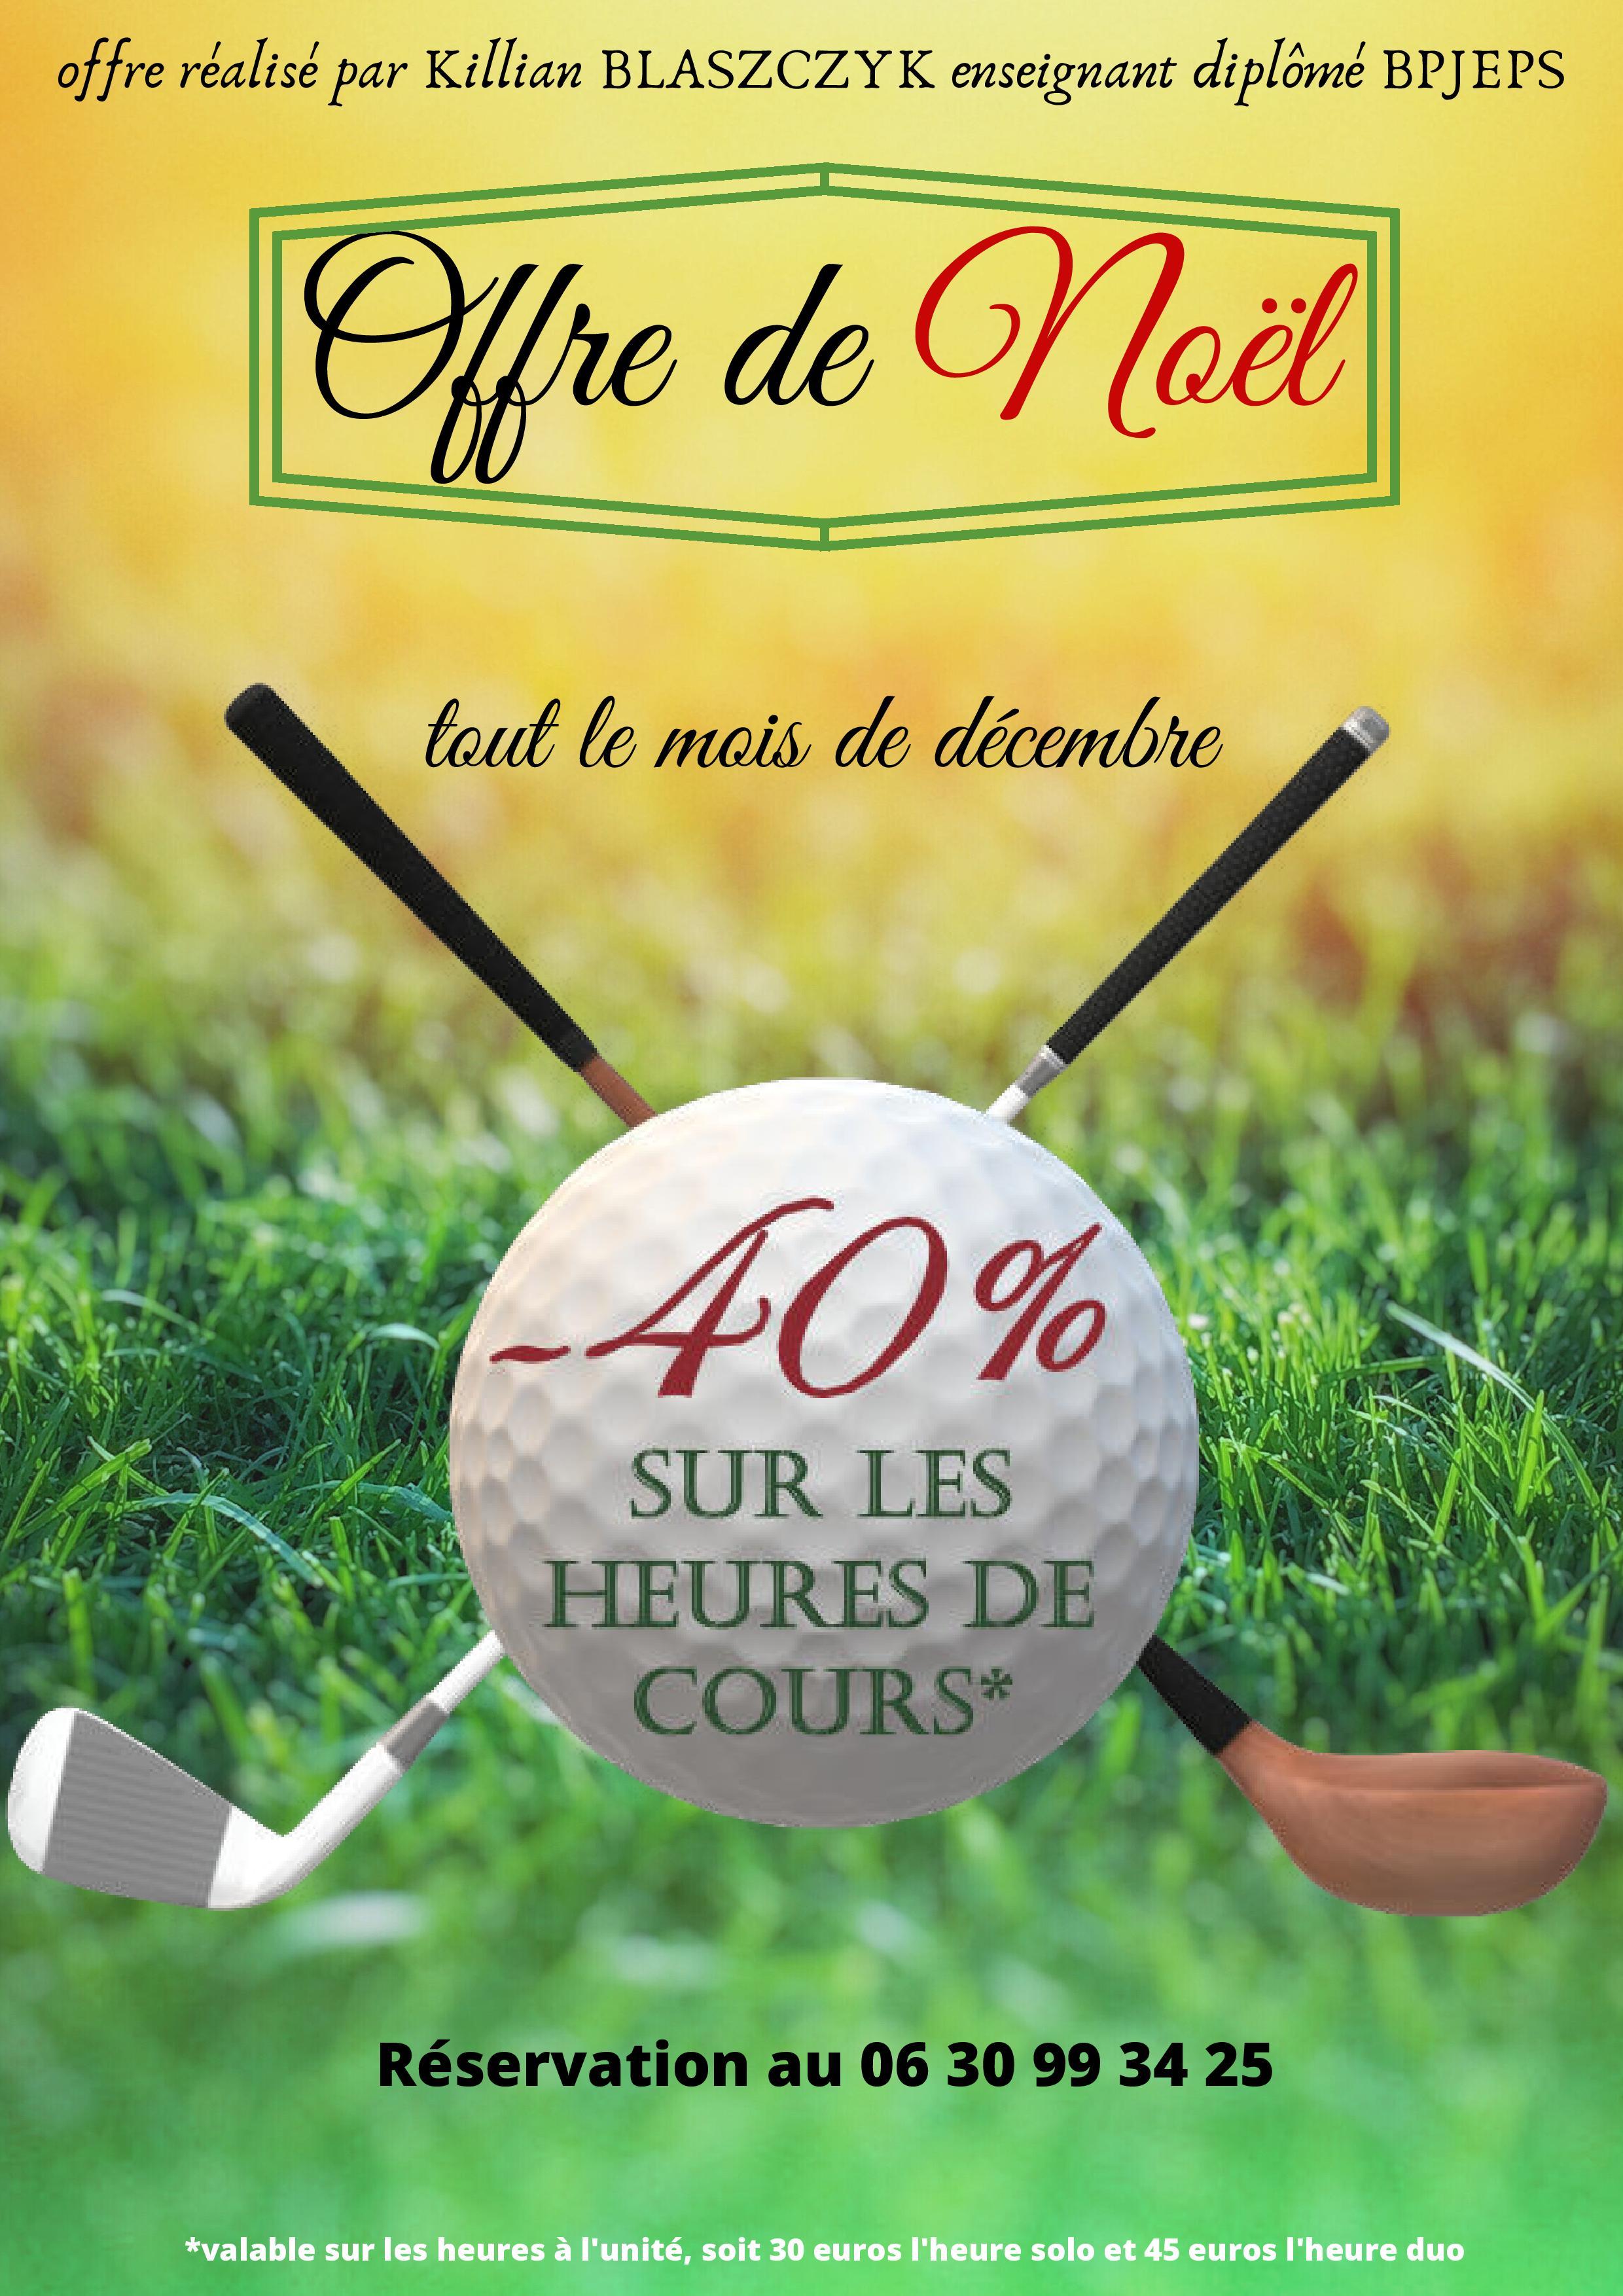 Cours de Golf -40% en décembre